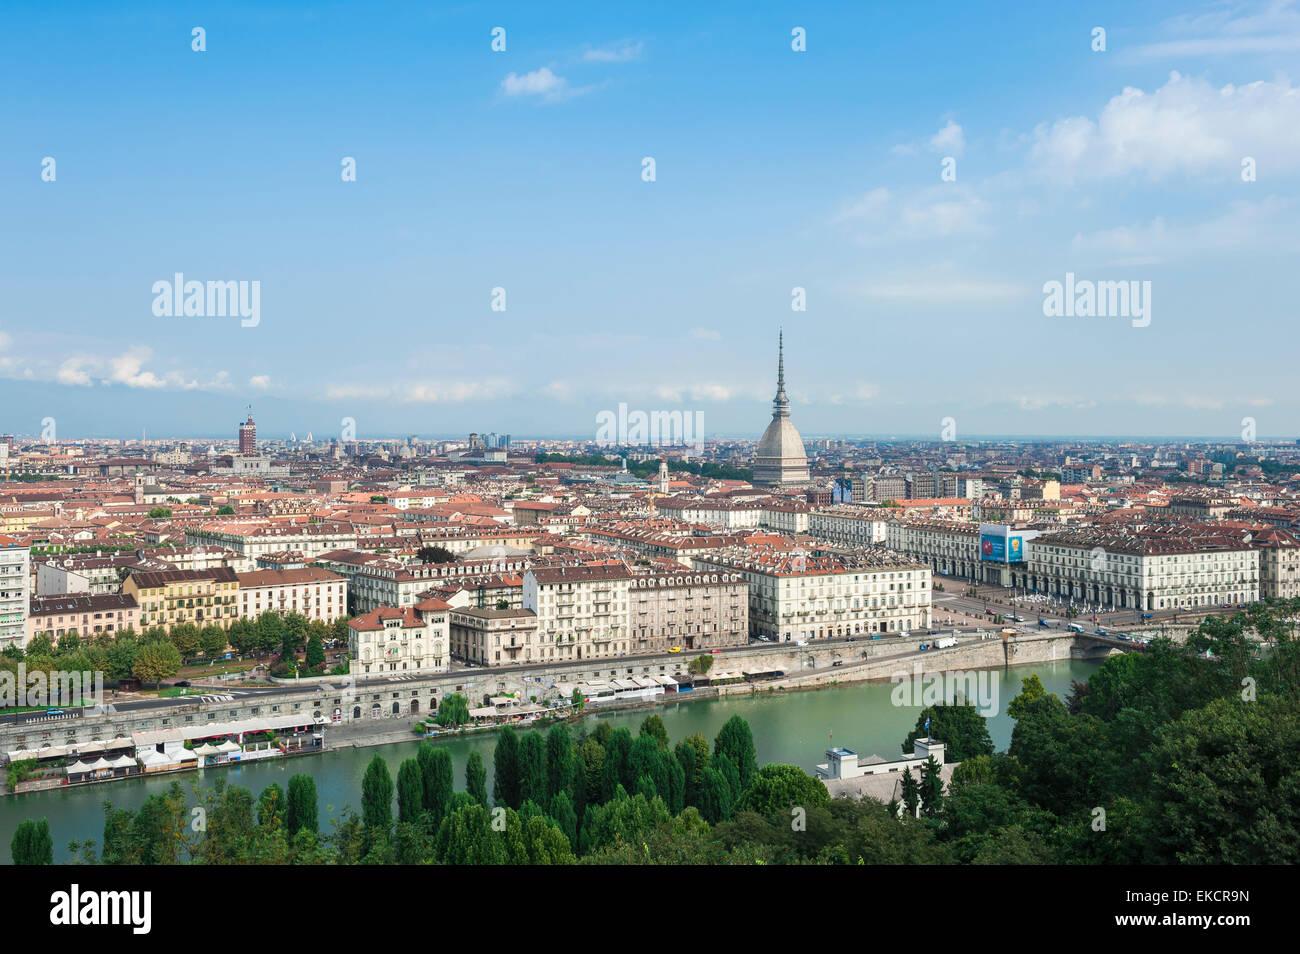 Torino cityscape, vista aerea del centro di Torino (Torino) che mostra la Mole Antonelliana tower e l'argine del fiume Po, Piemonte, Italia. Foto Stock